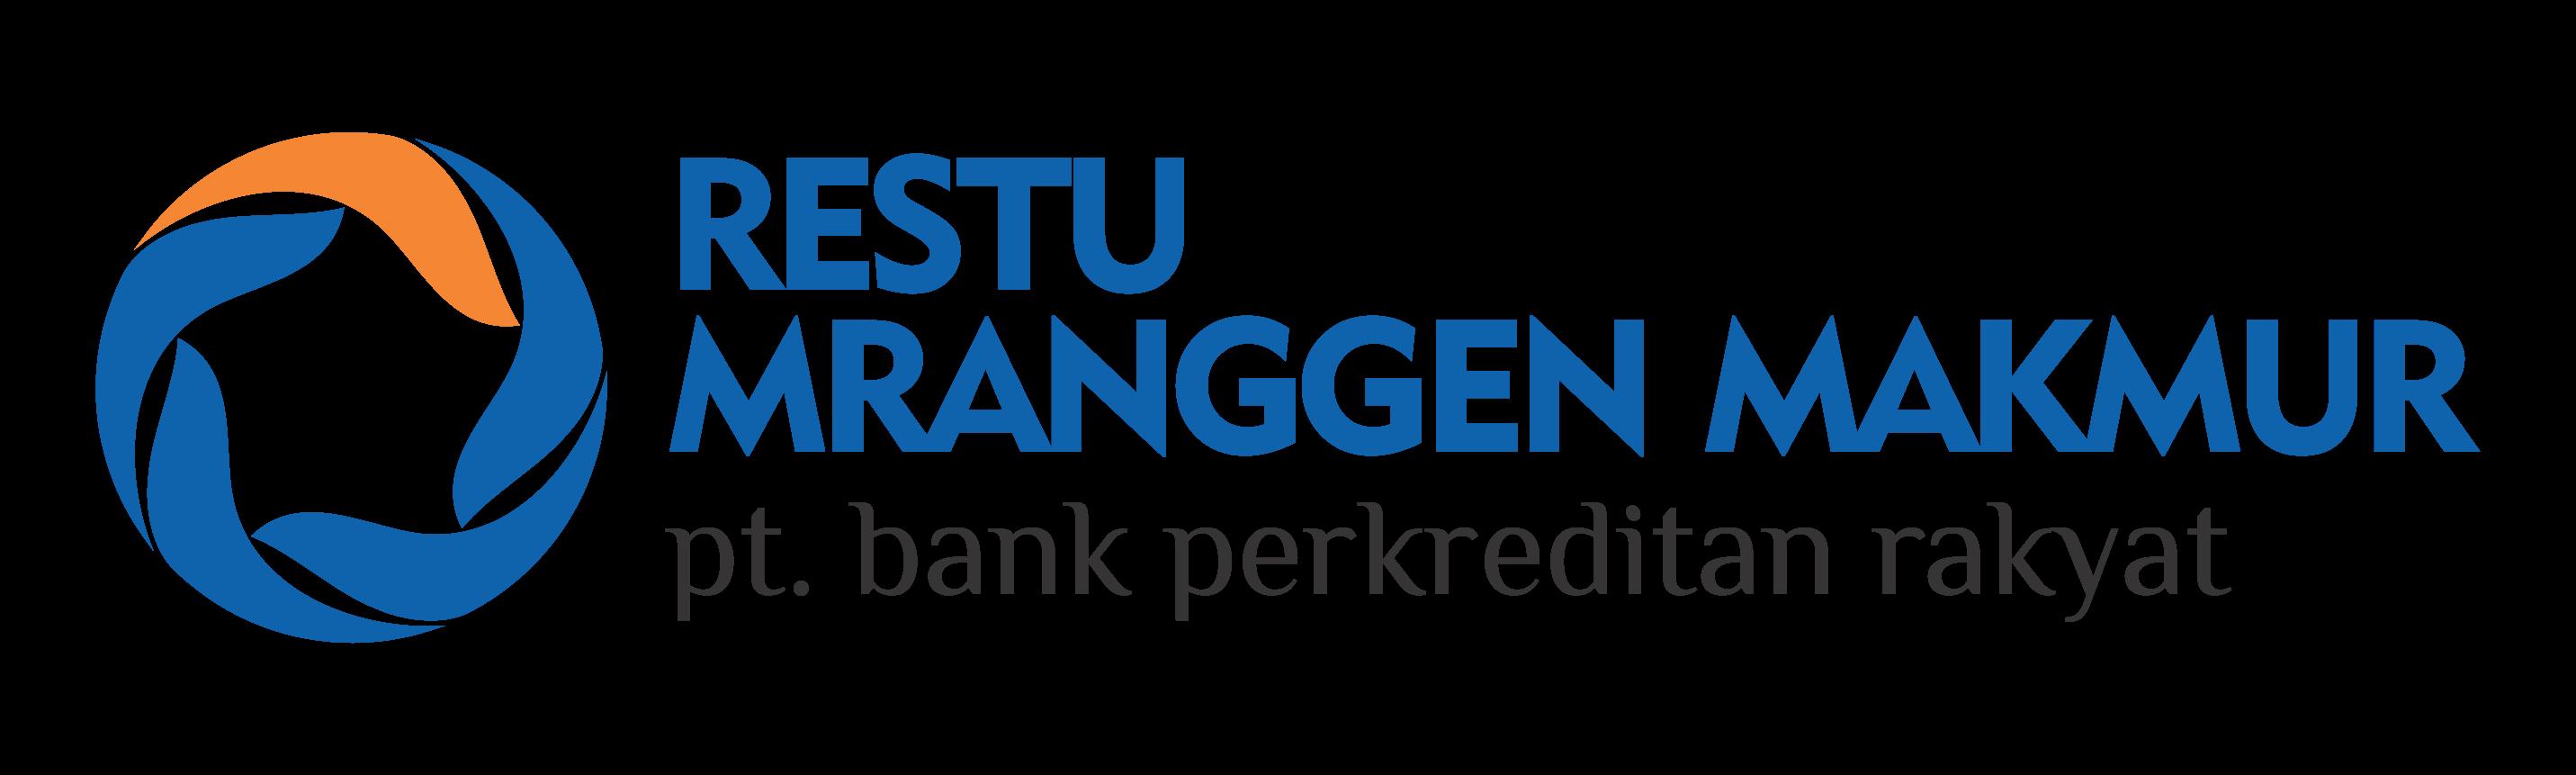 BPR Restu Mranggen Makmur | BPR RMM